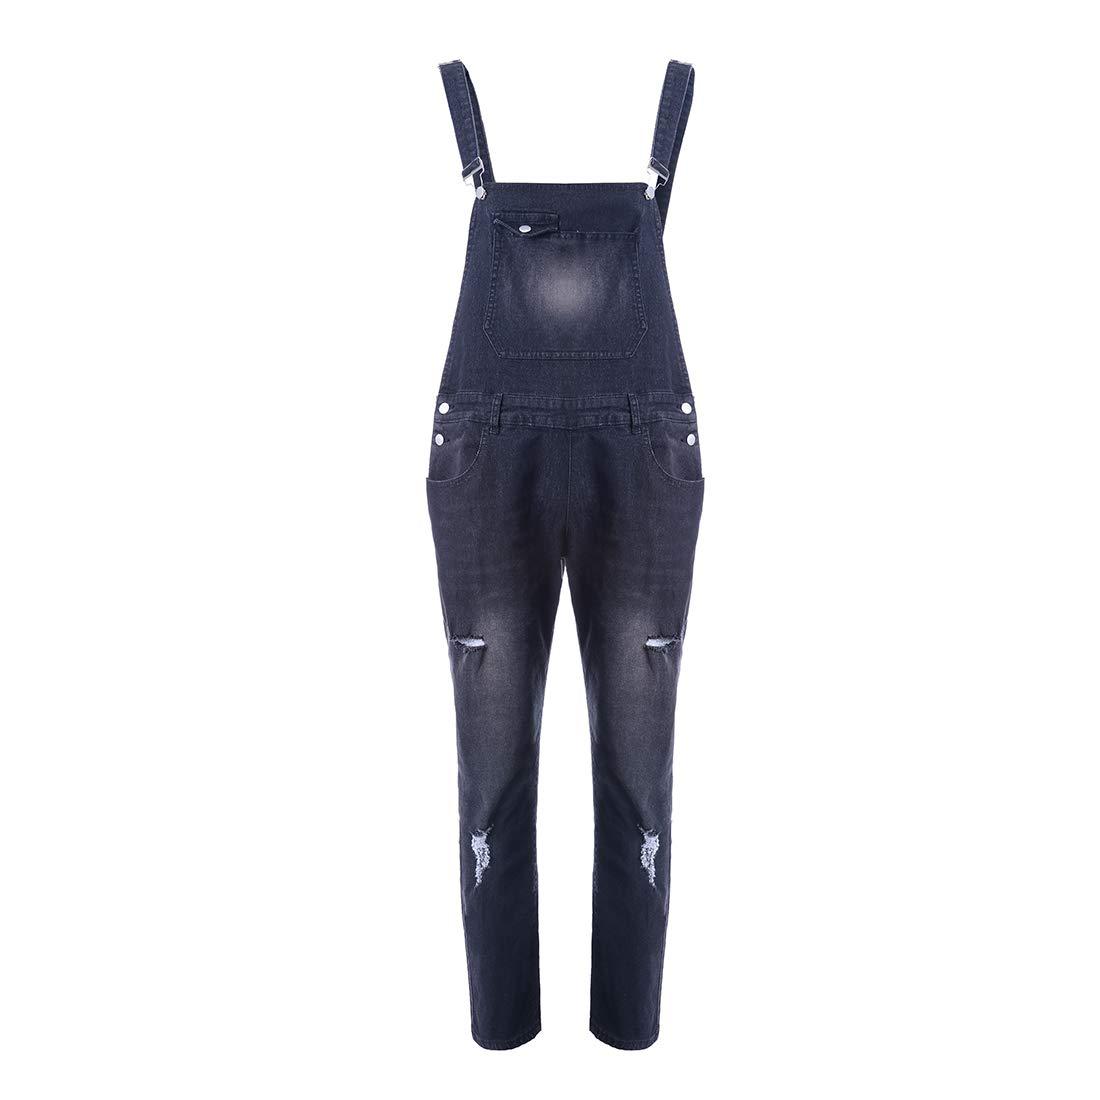 Vertvie Herren Jeans Overalls Latzhose Jeanslatzhose Mode Skinny Fit Slim Leg Jean Street Distressed Denim Hosentr/ägerhose